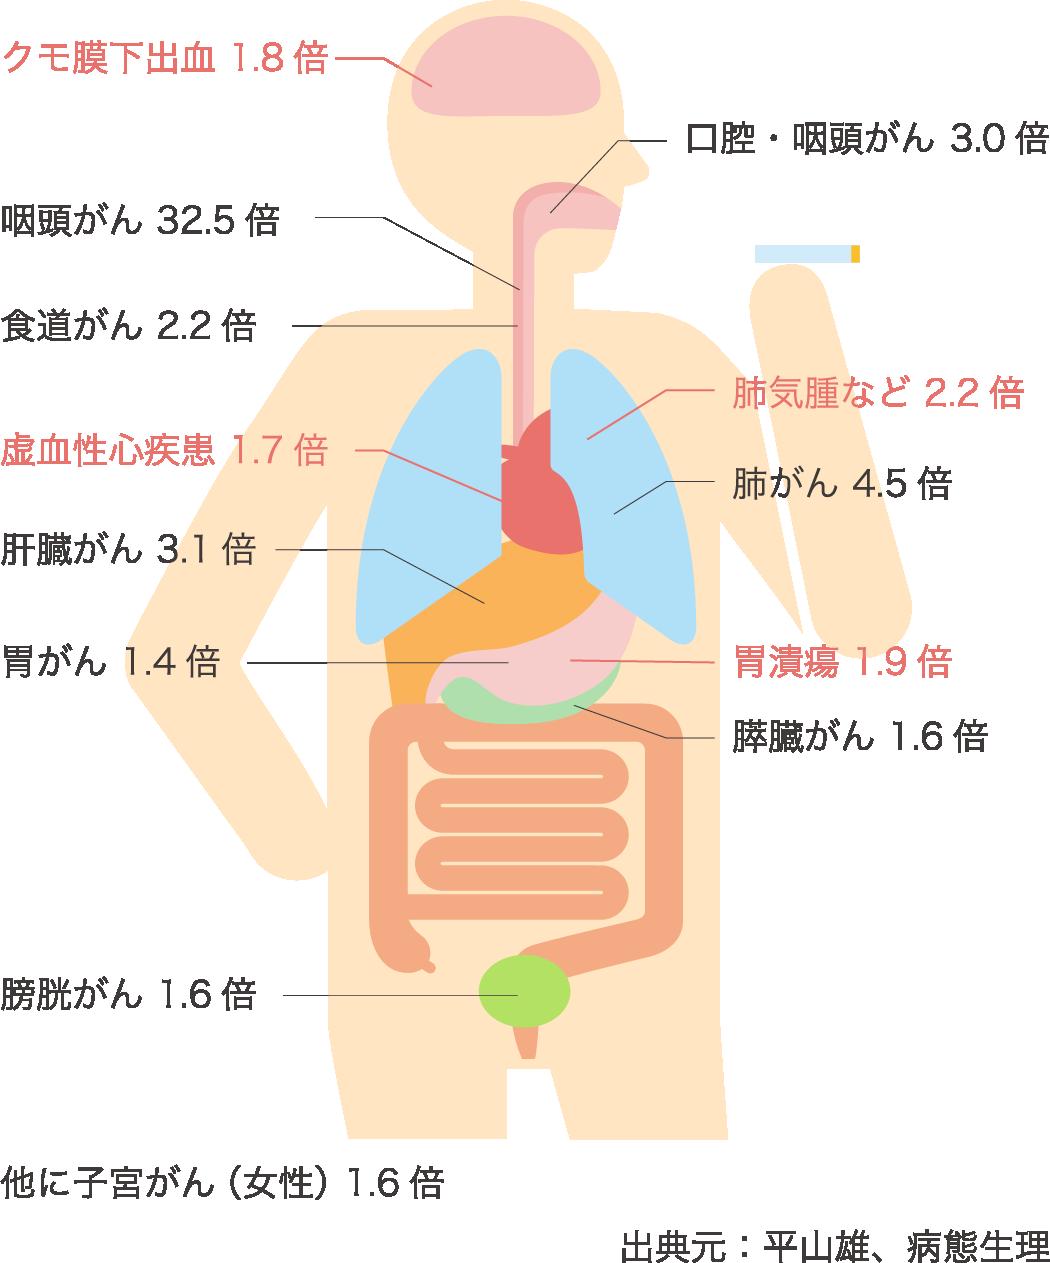 非喫煙者(1.0)と比較した喫煙者の死亡率(男性)